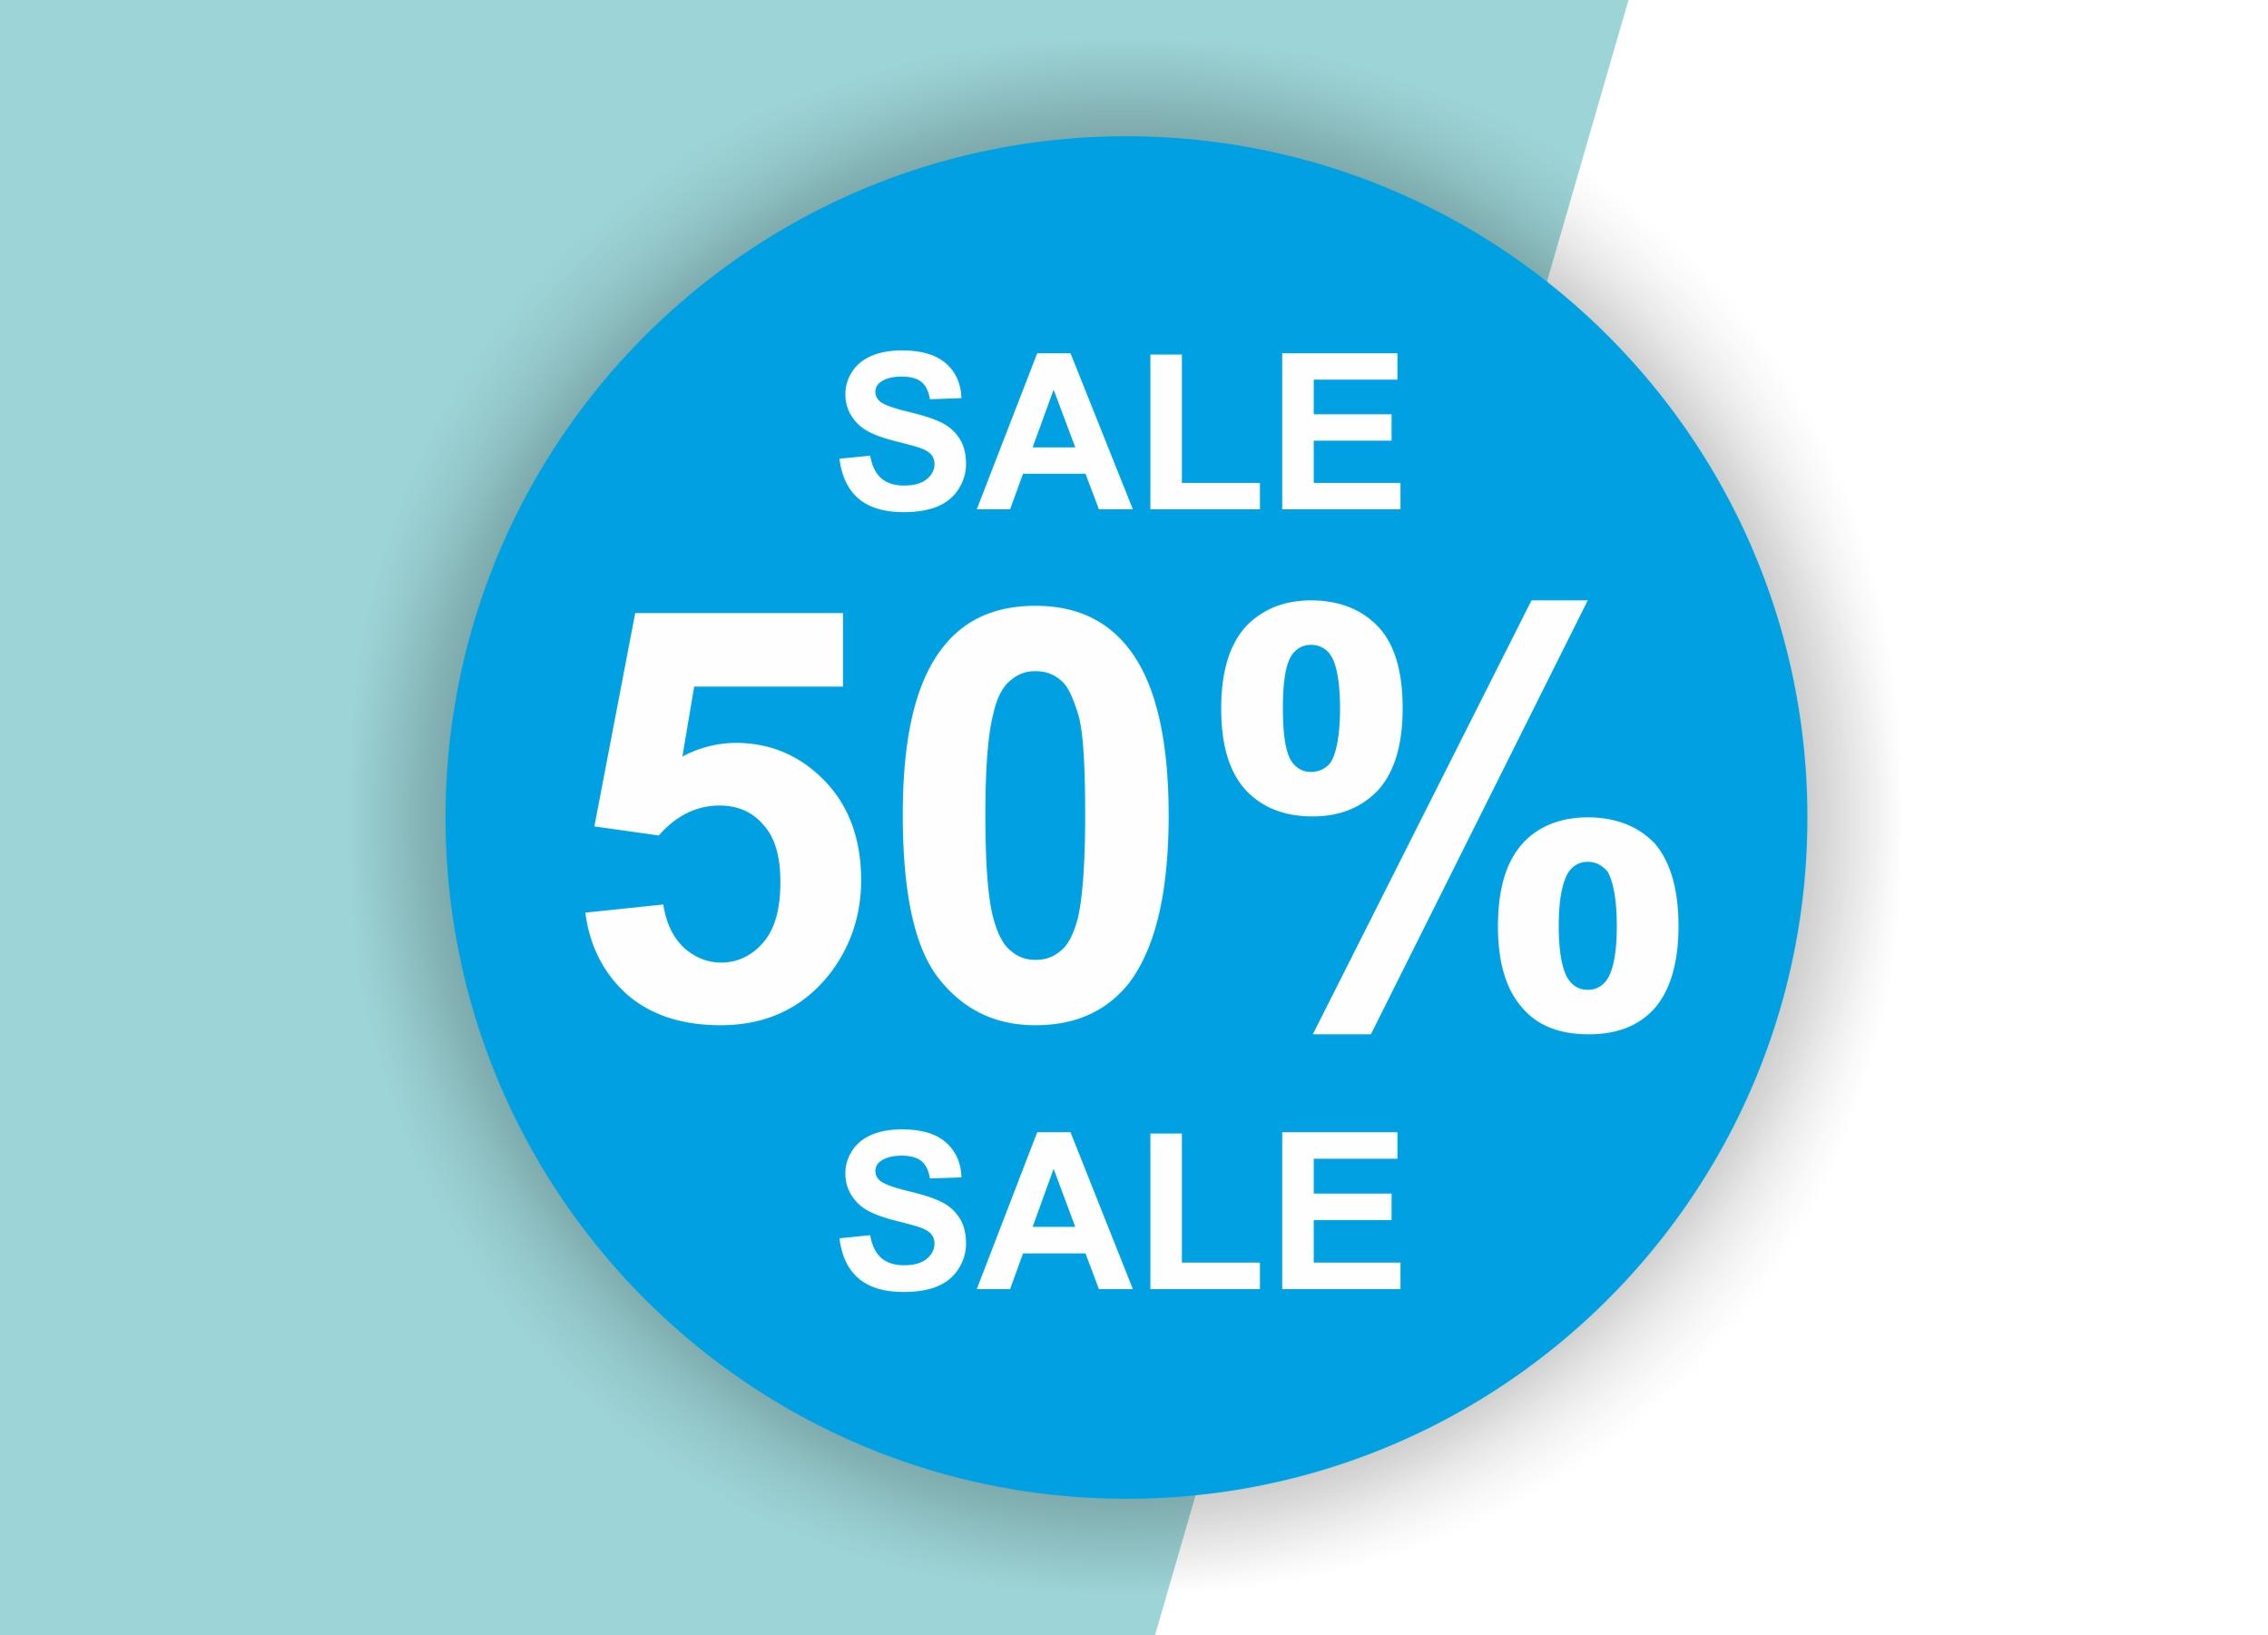 50% SALE Aufkleber Schaufenster Rabatt Ausverkauf Schlussverkauf SSV WSV % — Farbe: Blau-Weiß